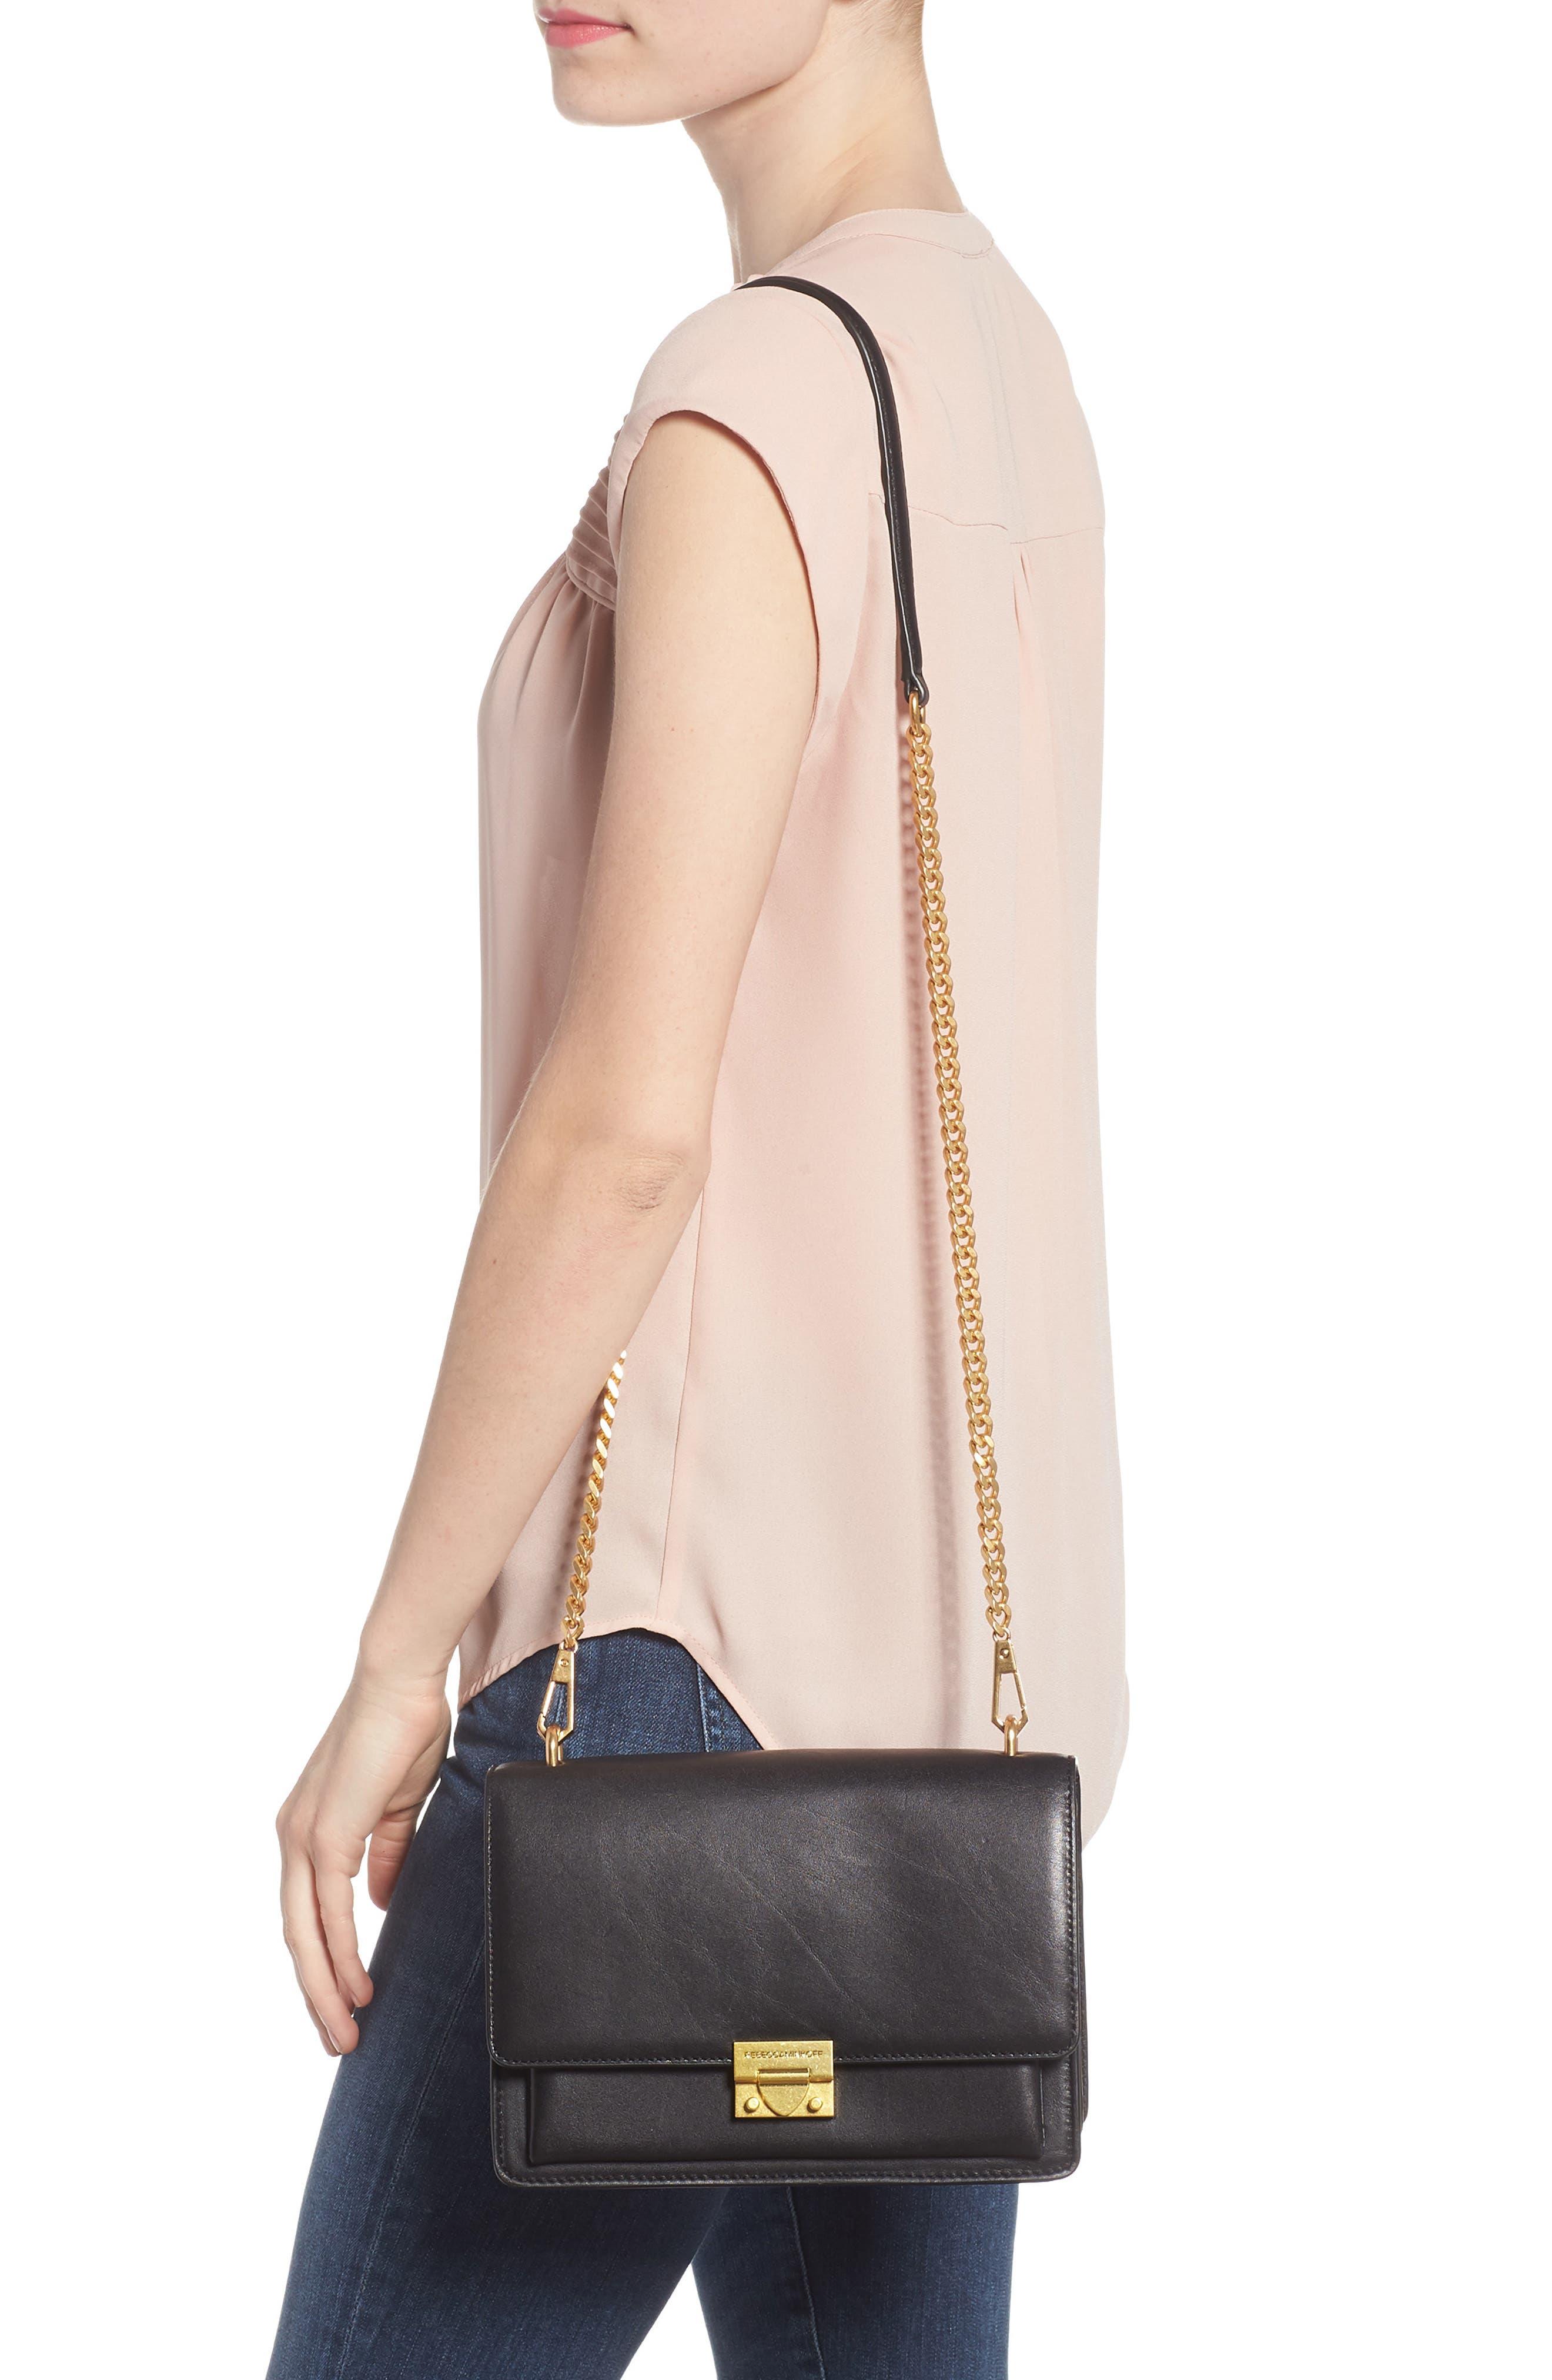 Medium Christy Leather Shoulder Bag,                             Alternate thumbnail 2, color,                             001